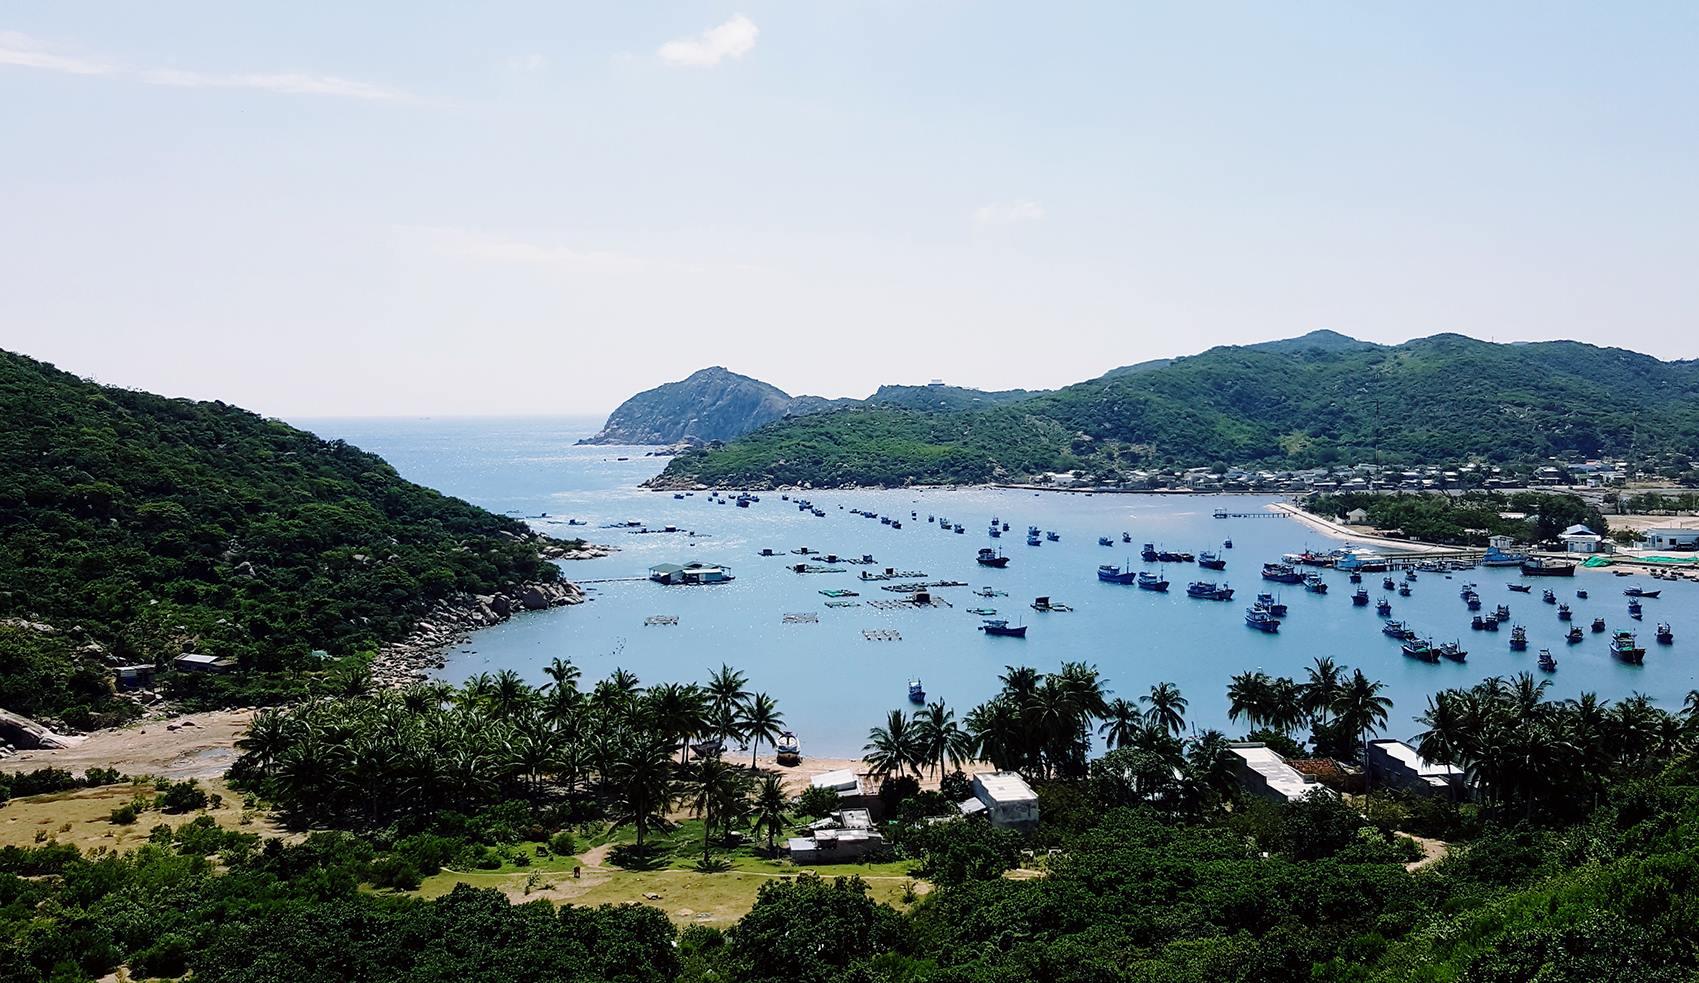 Dự án phát triển các hoạt động thể thao nước tại vịnh Vĩnh Hy, Ninh Thuận.